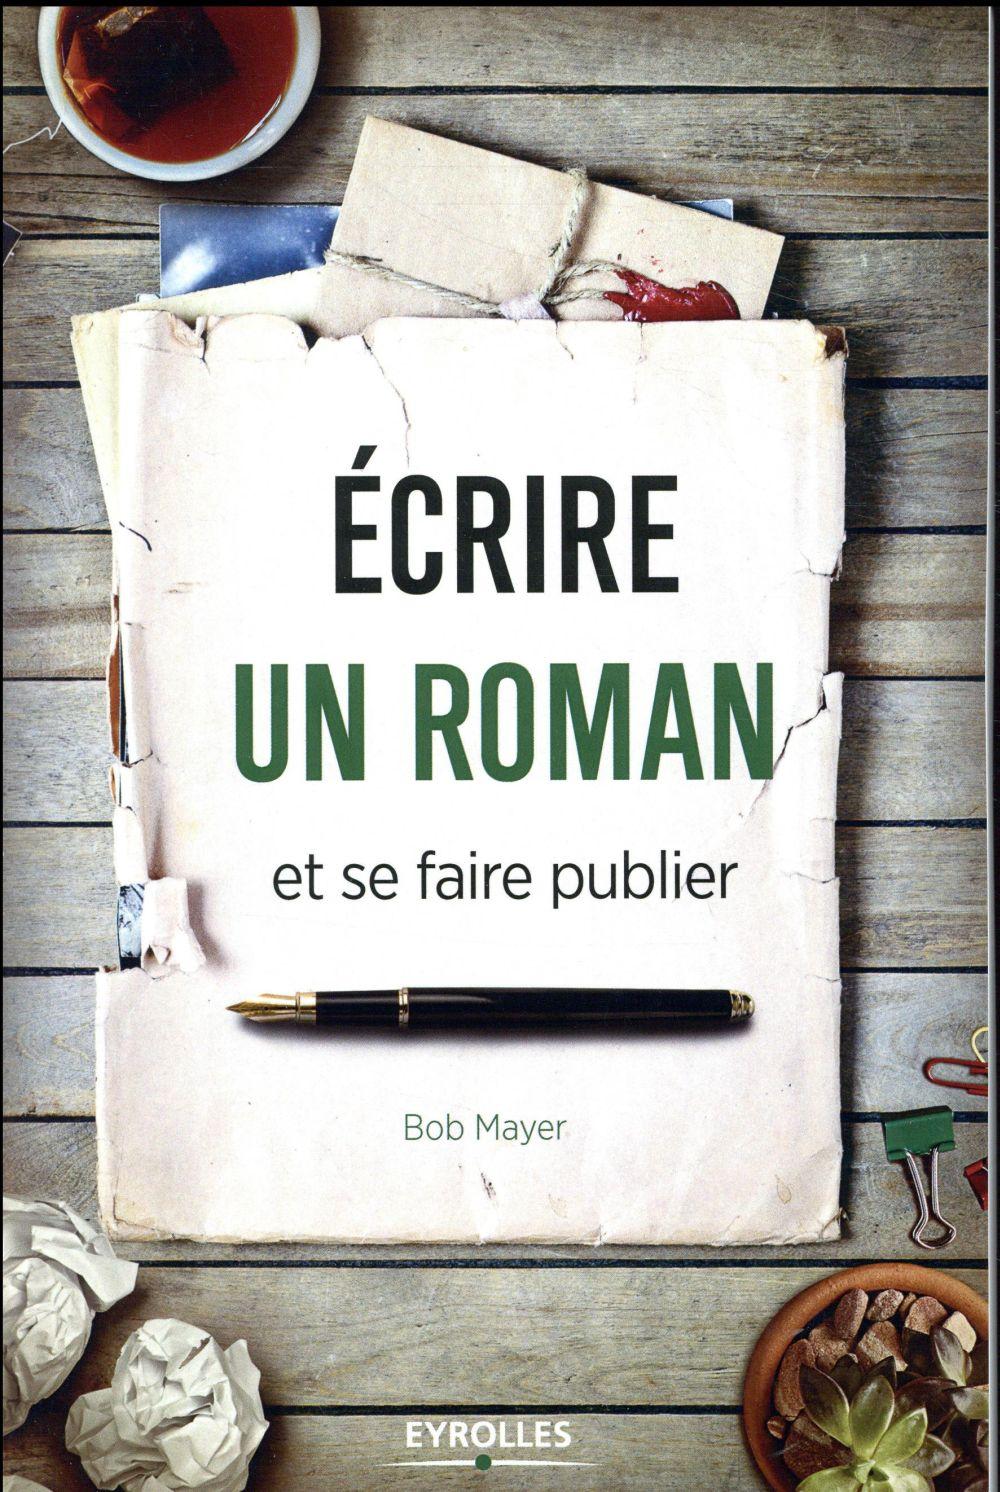 ECRIRE UN ROMAN ET SE FAIRE PUBLIER  Eyrolles